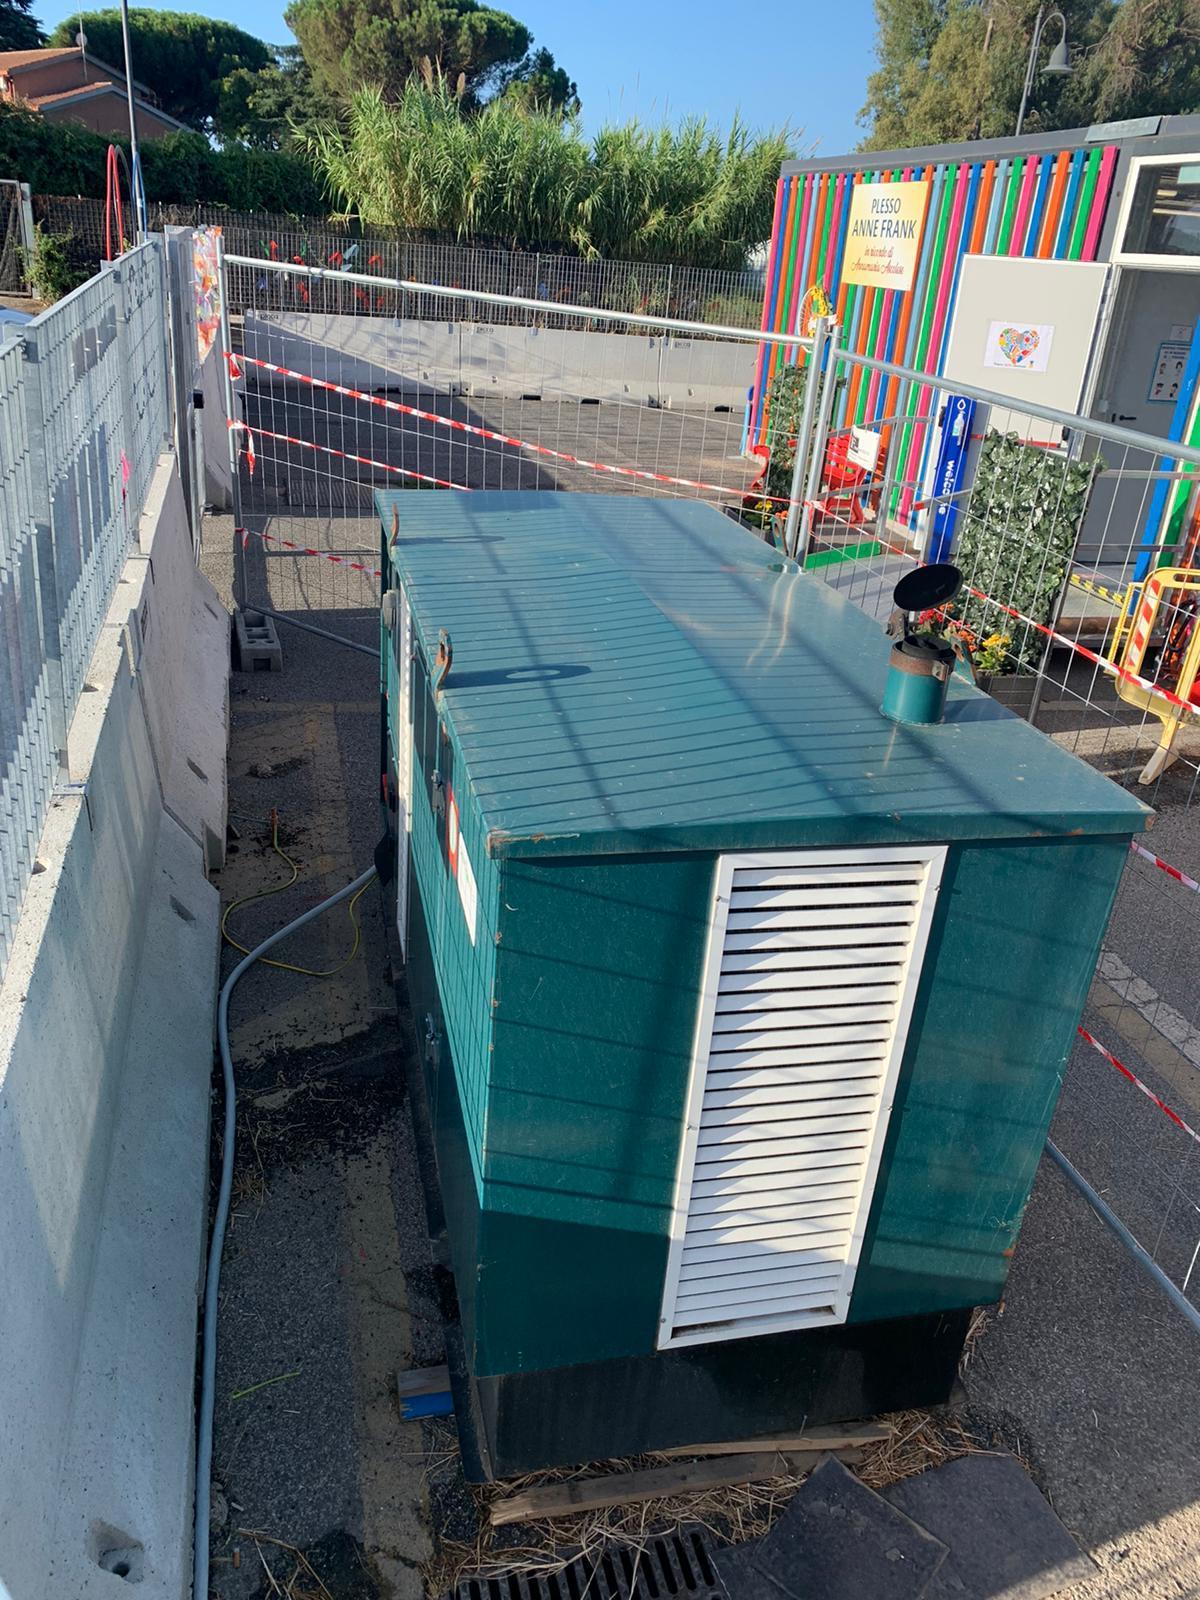 """Marino, De Santis-De Felice: """"Scandalosa situazione alla scuola Anna Frank. Bimbi in container tra insicurezza e inefficienze"""""""